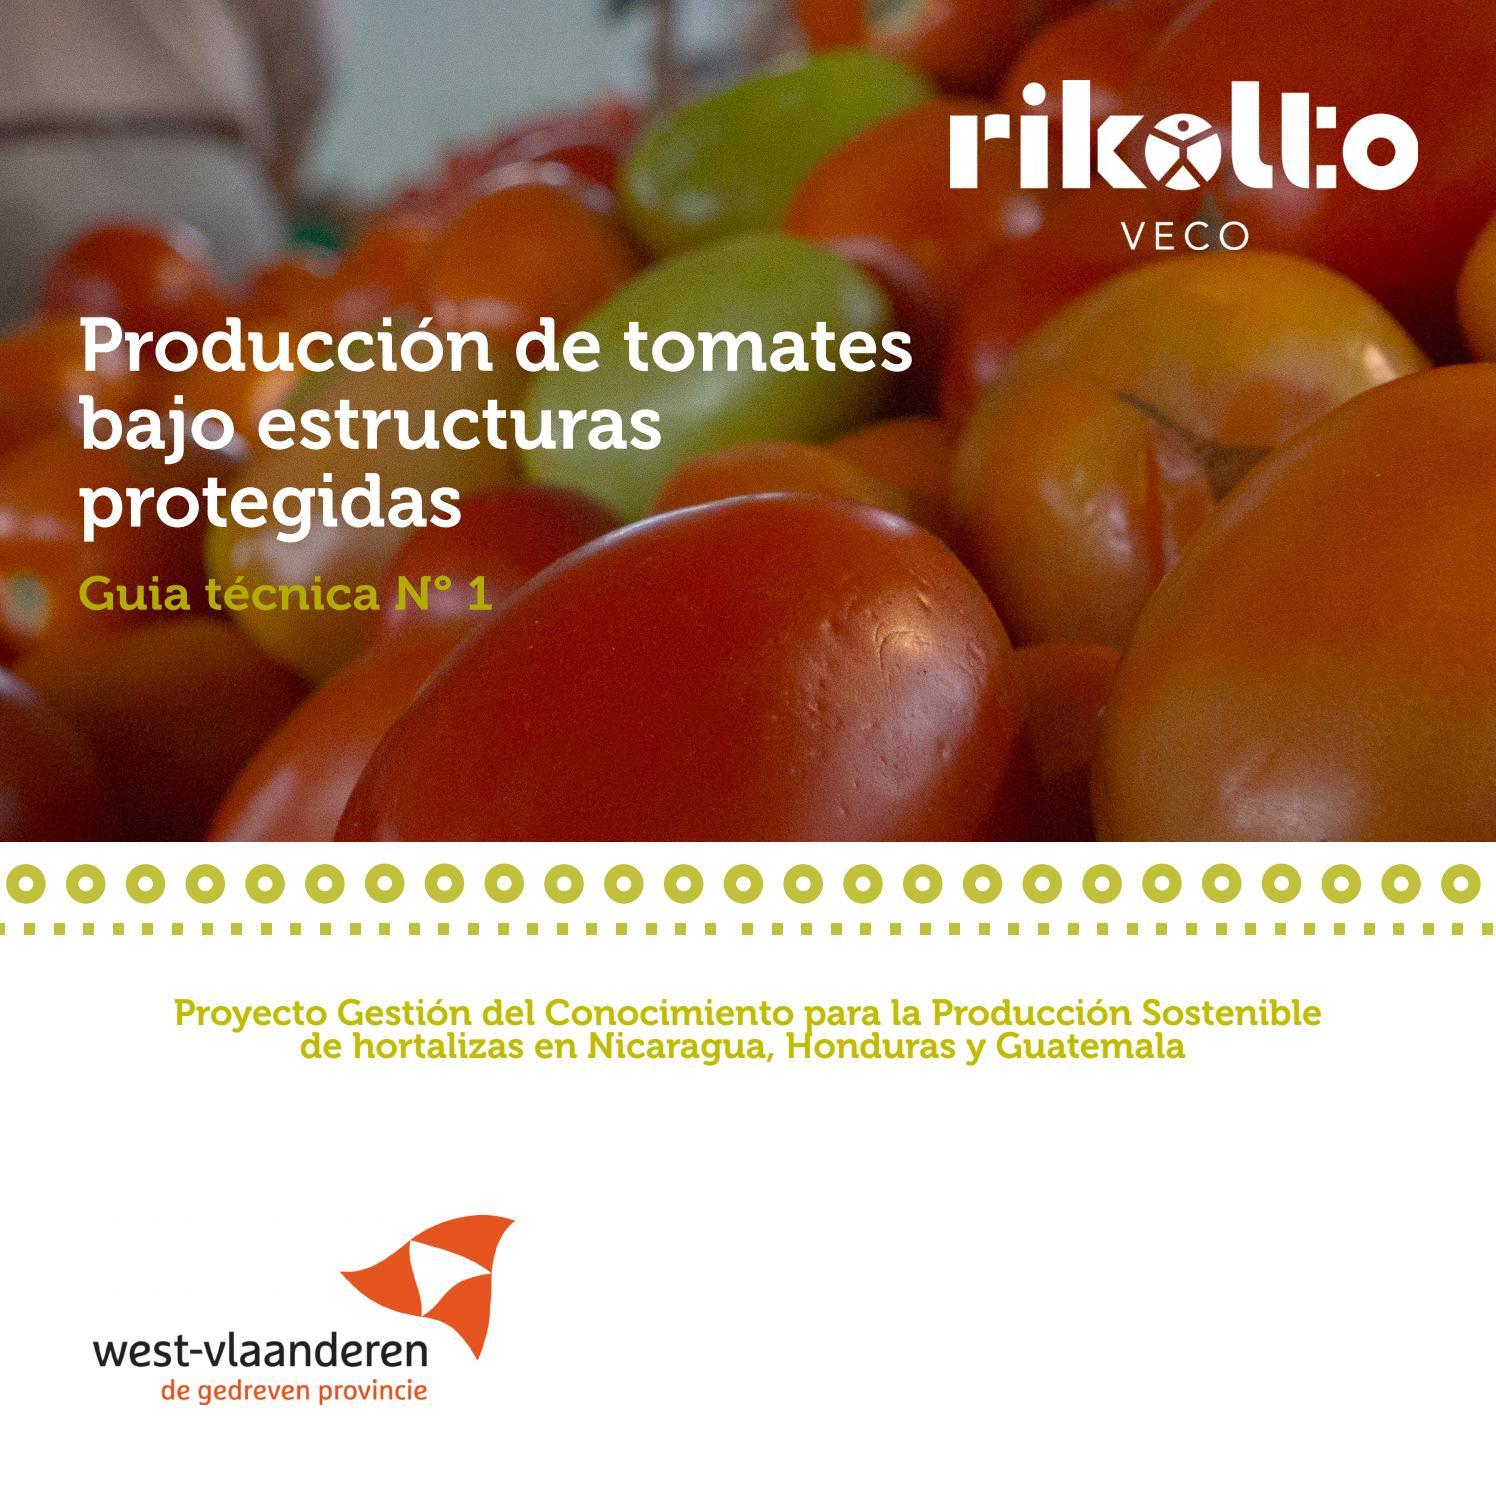 puedes conseguir mejores rendimientos si podas tus tomates